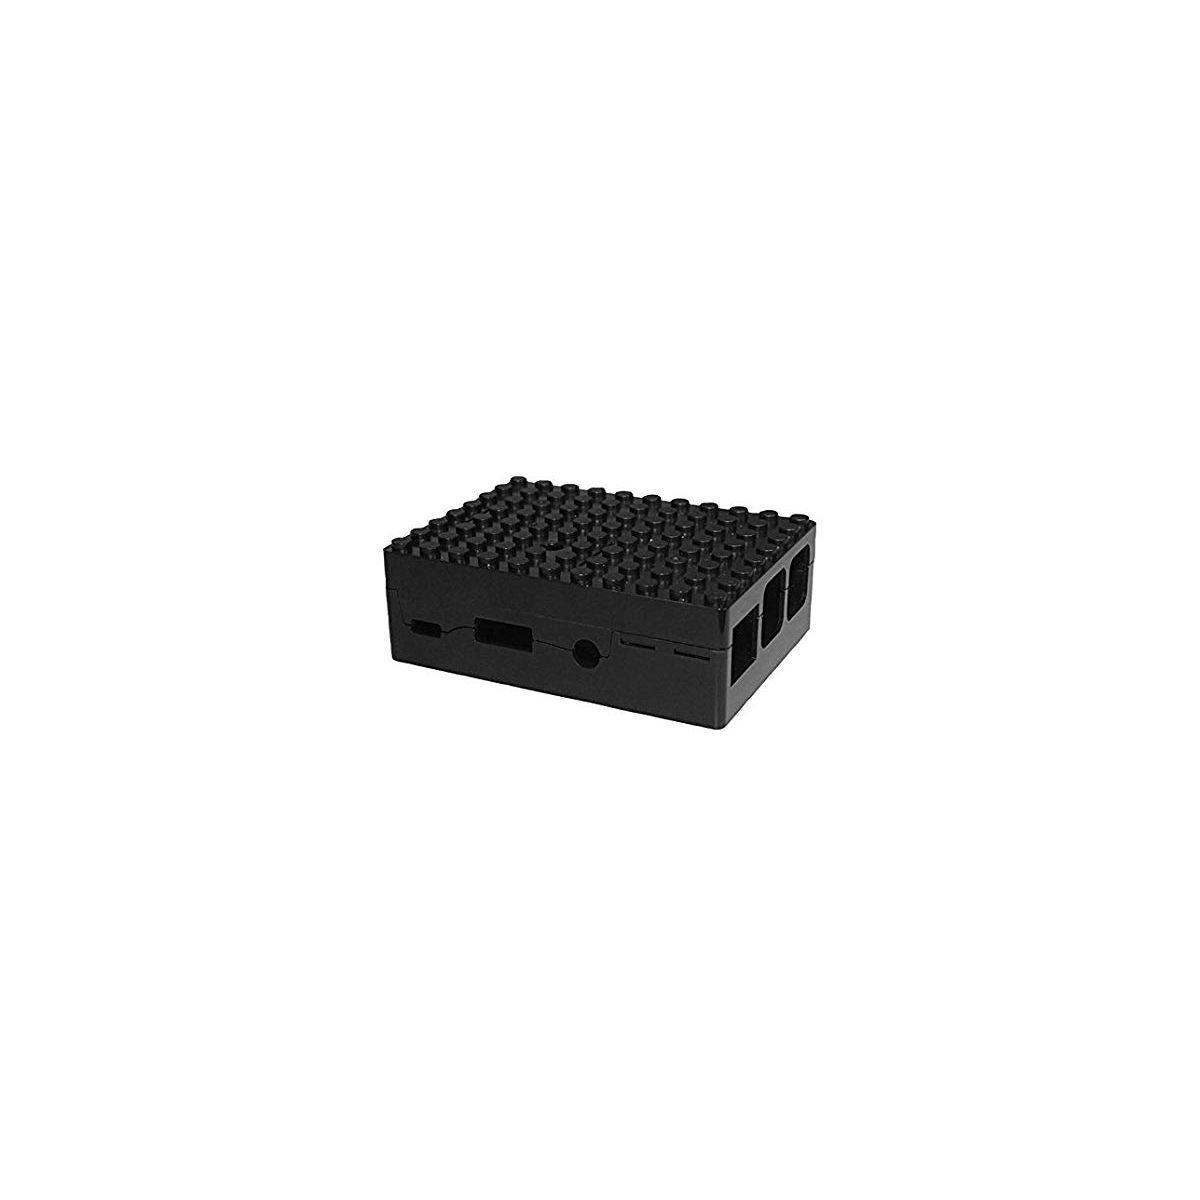 Boitier pc multicomp pi-blox noir - 2% de remise imm�diate avec le code : school2 (photo)